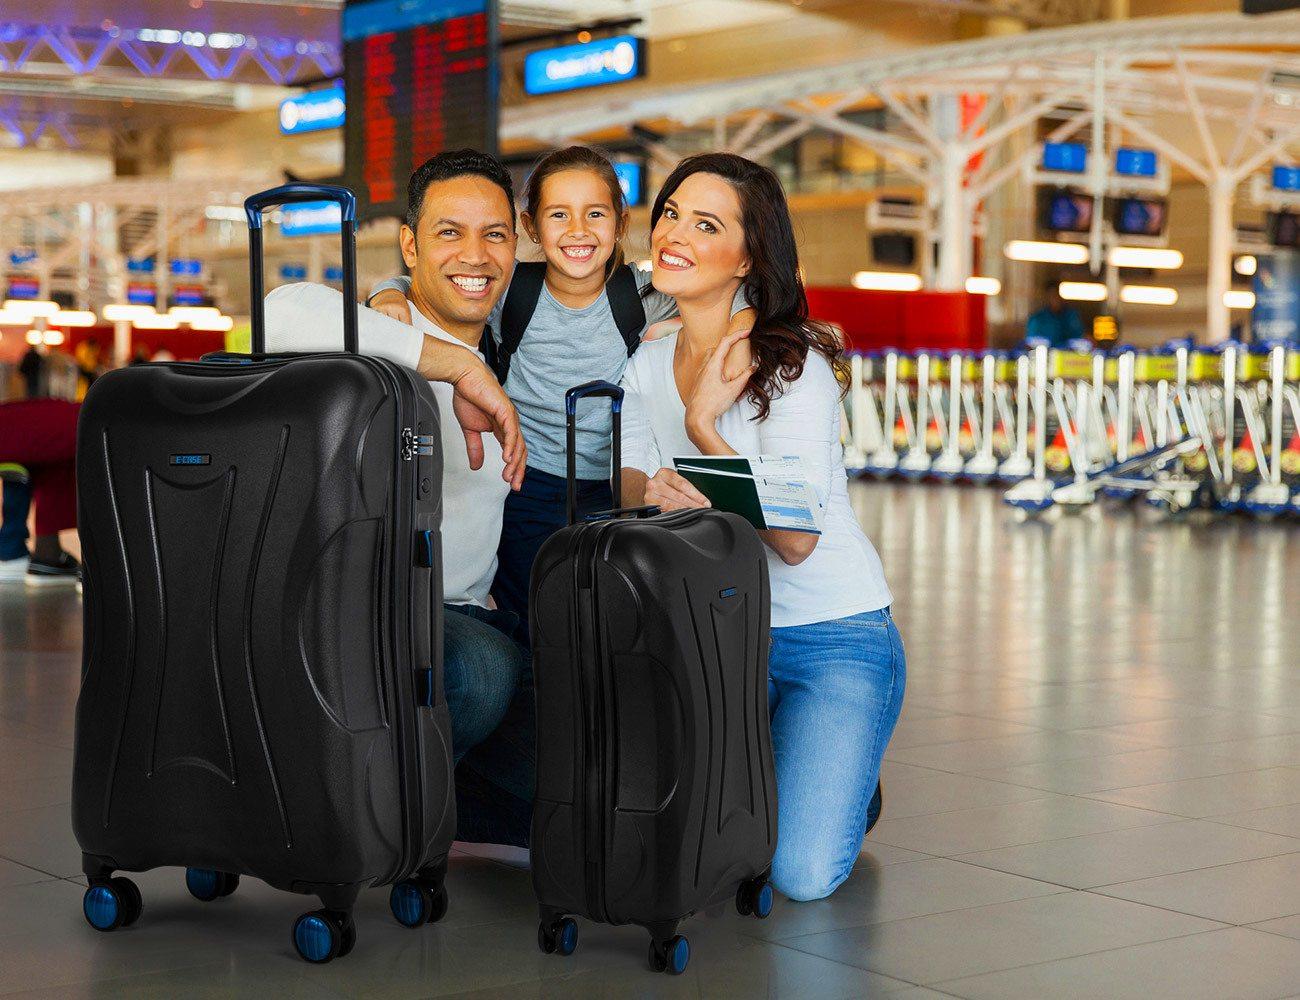 E Case Smart Check In Luggage